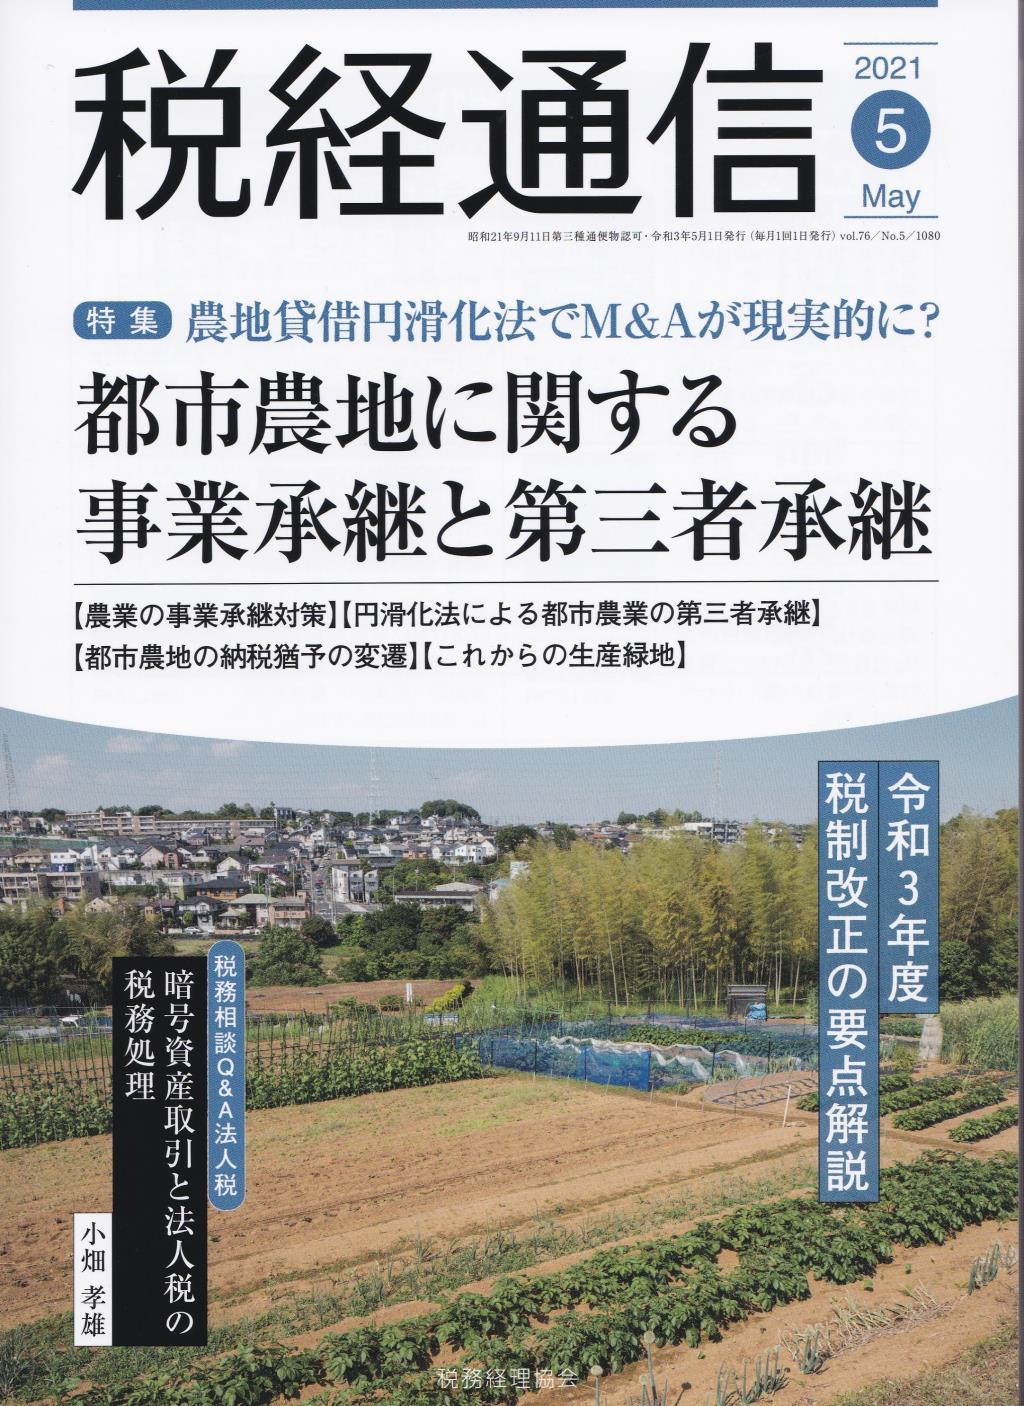 税経通信 VOL.76/No.5/1080/2021.5